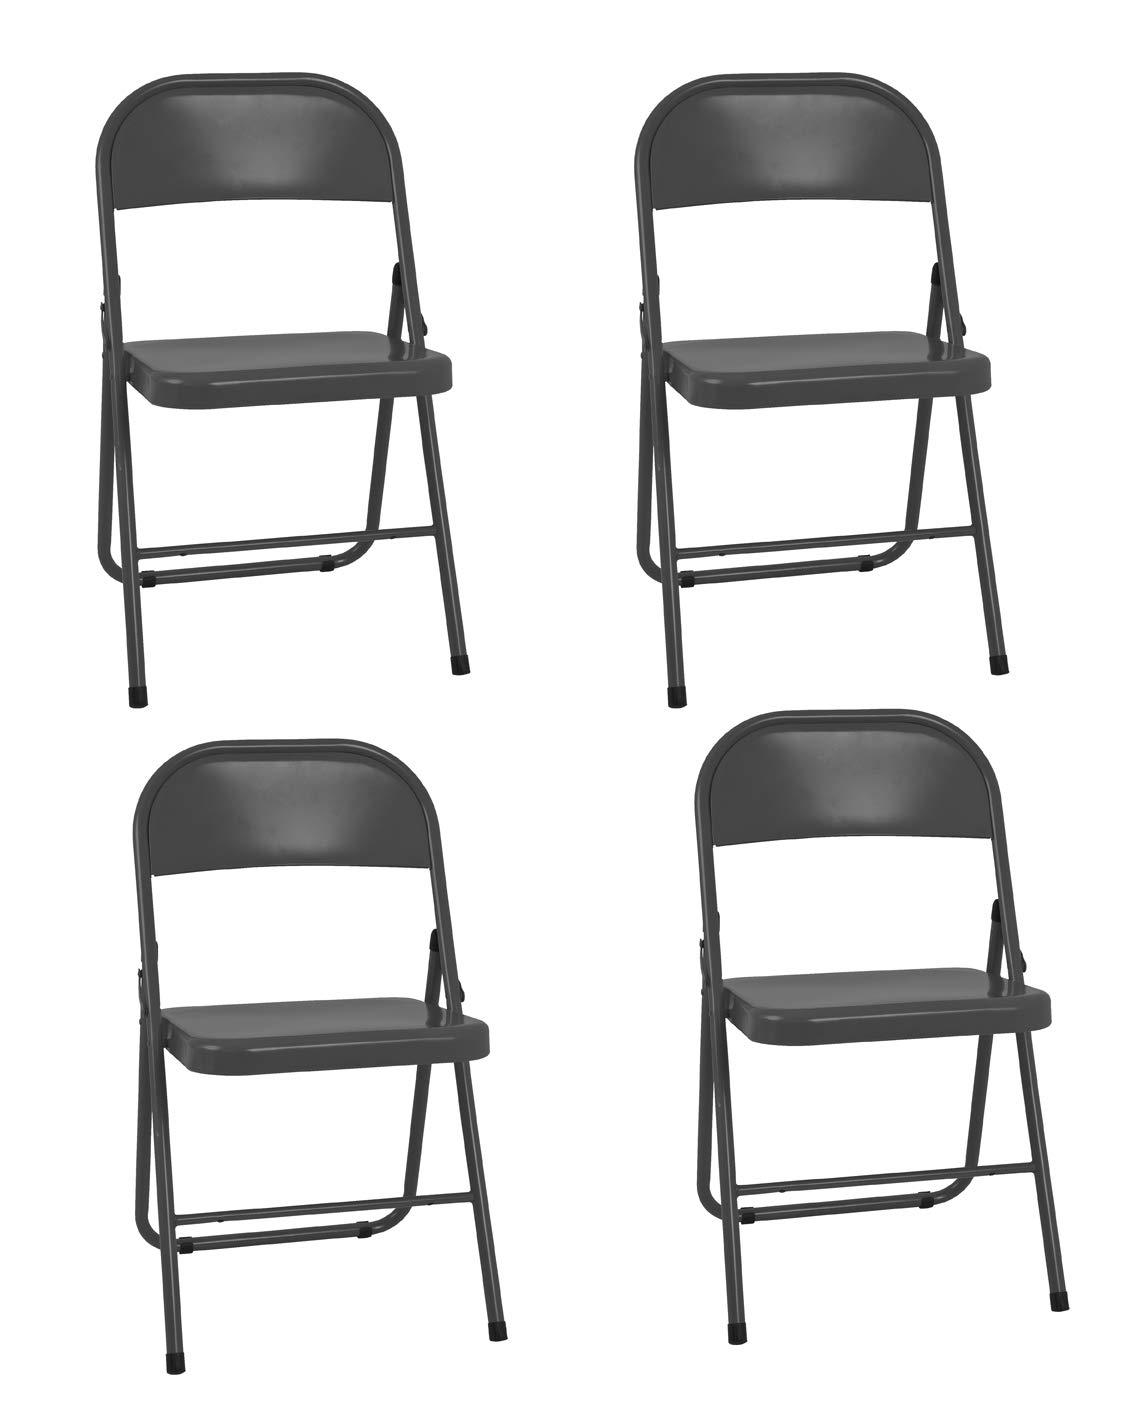 HAKU Mö bel - Set di 4 sedie pieghevoli, tubo in acciaio, nero, 46 x 47 x 78 cm unknown 44502